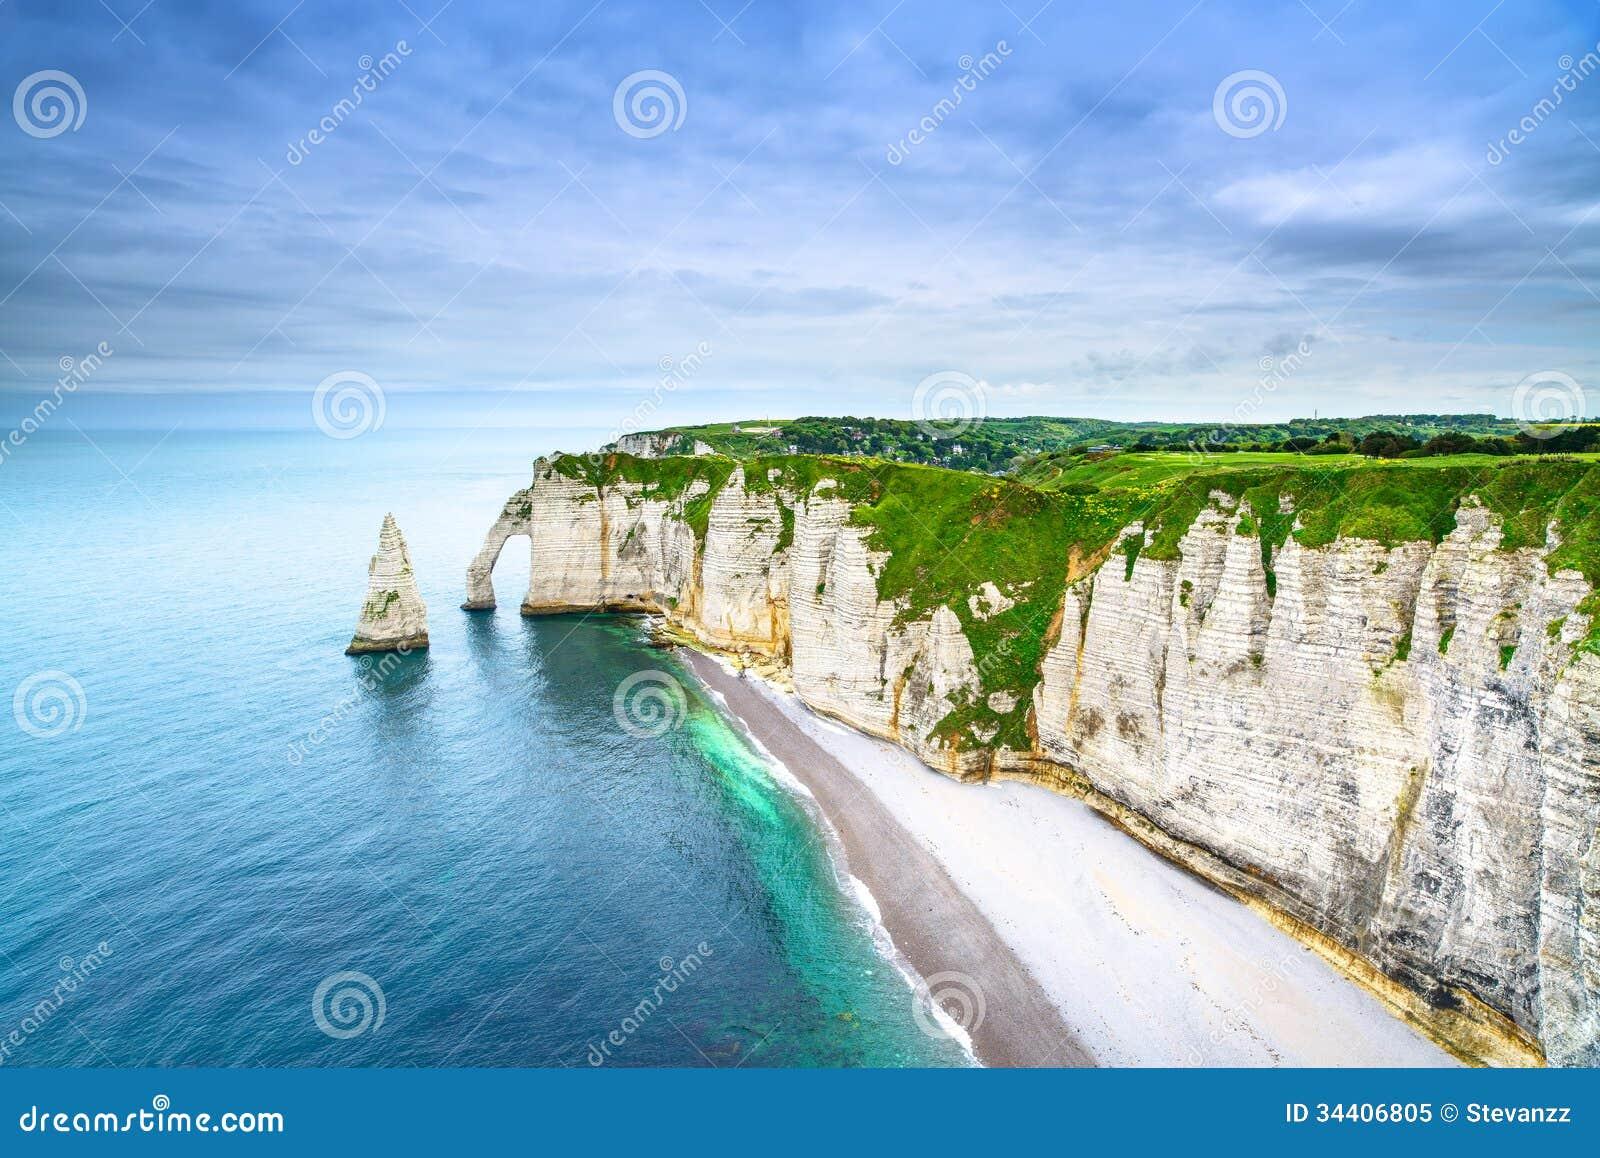 De klip van Etretataval en rotsenoriëntatiepunt en oceaan. Normandië, Frankrijk.